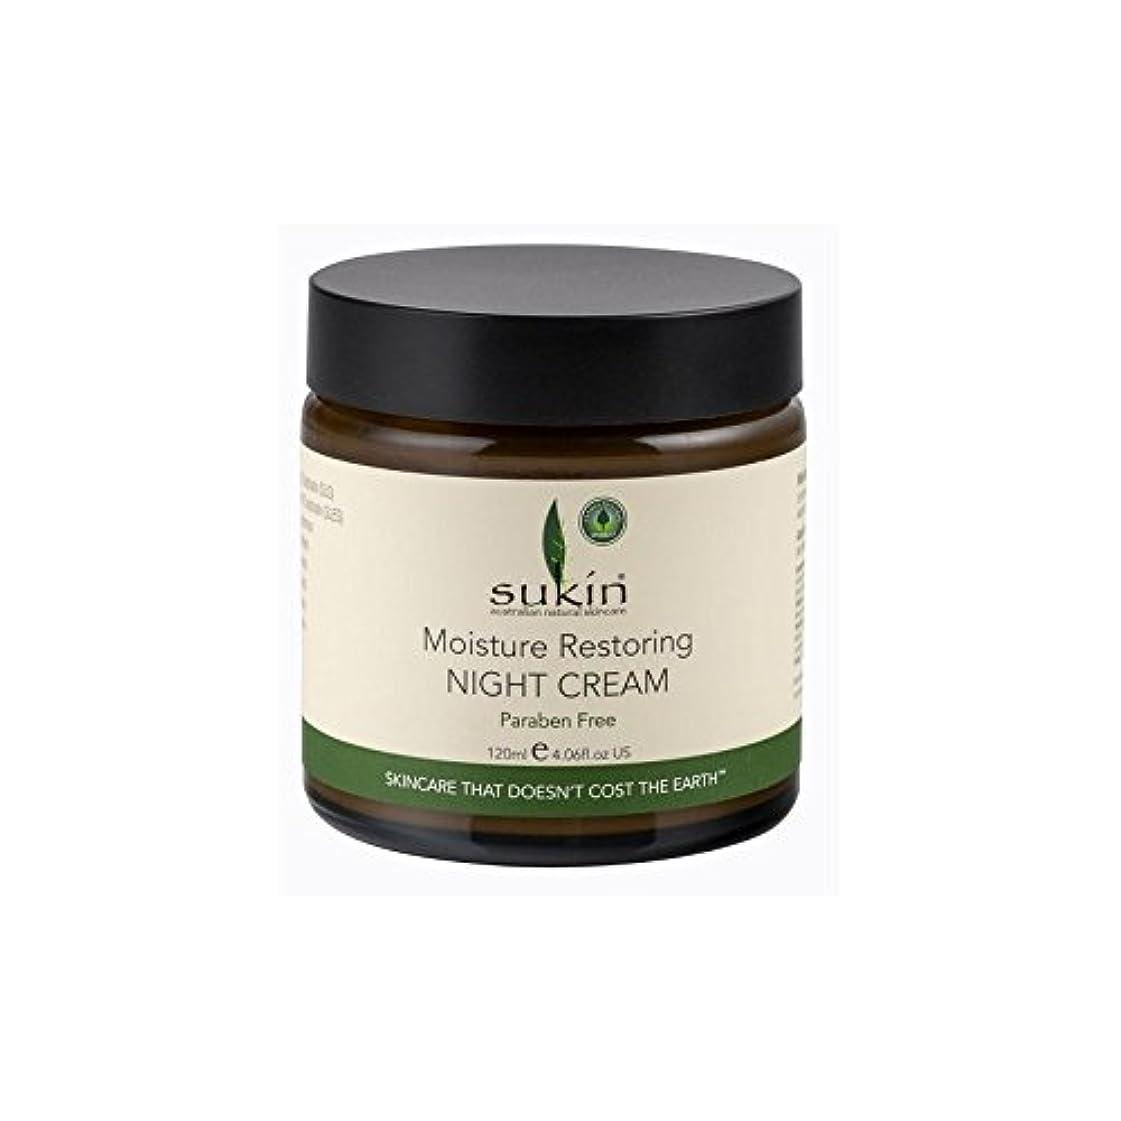 運命粉砕する理想的Sukin Moisture Restoring Night Cream (120ml) (Pack of 6) - 水分復元ナイトクリーム(120ミリリットル) x6 [並行輸入品]